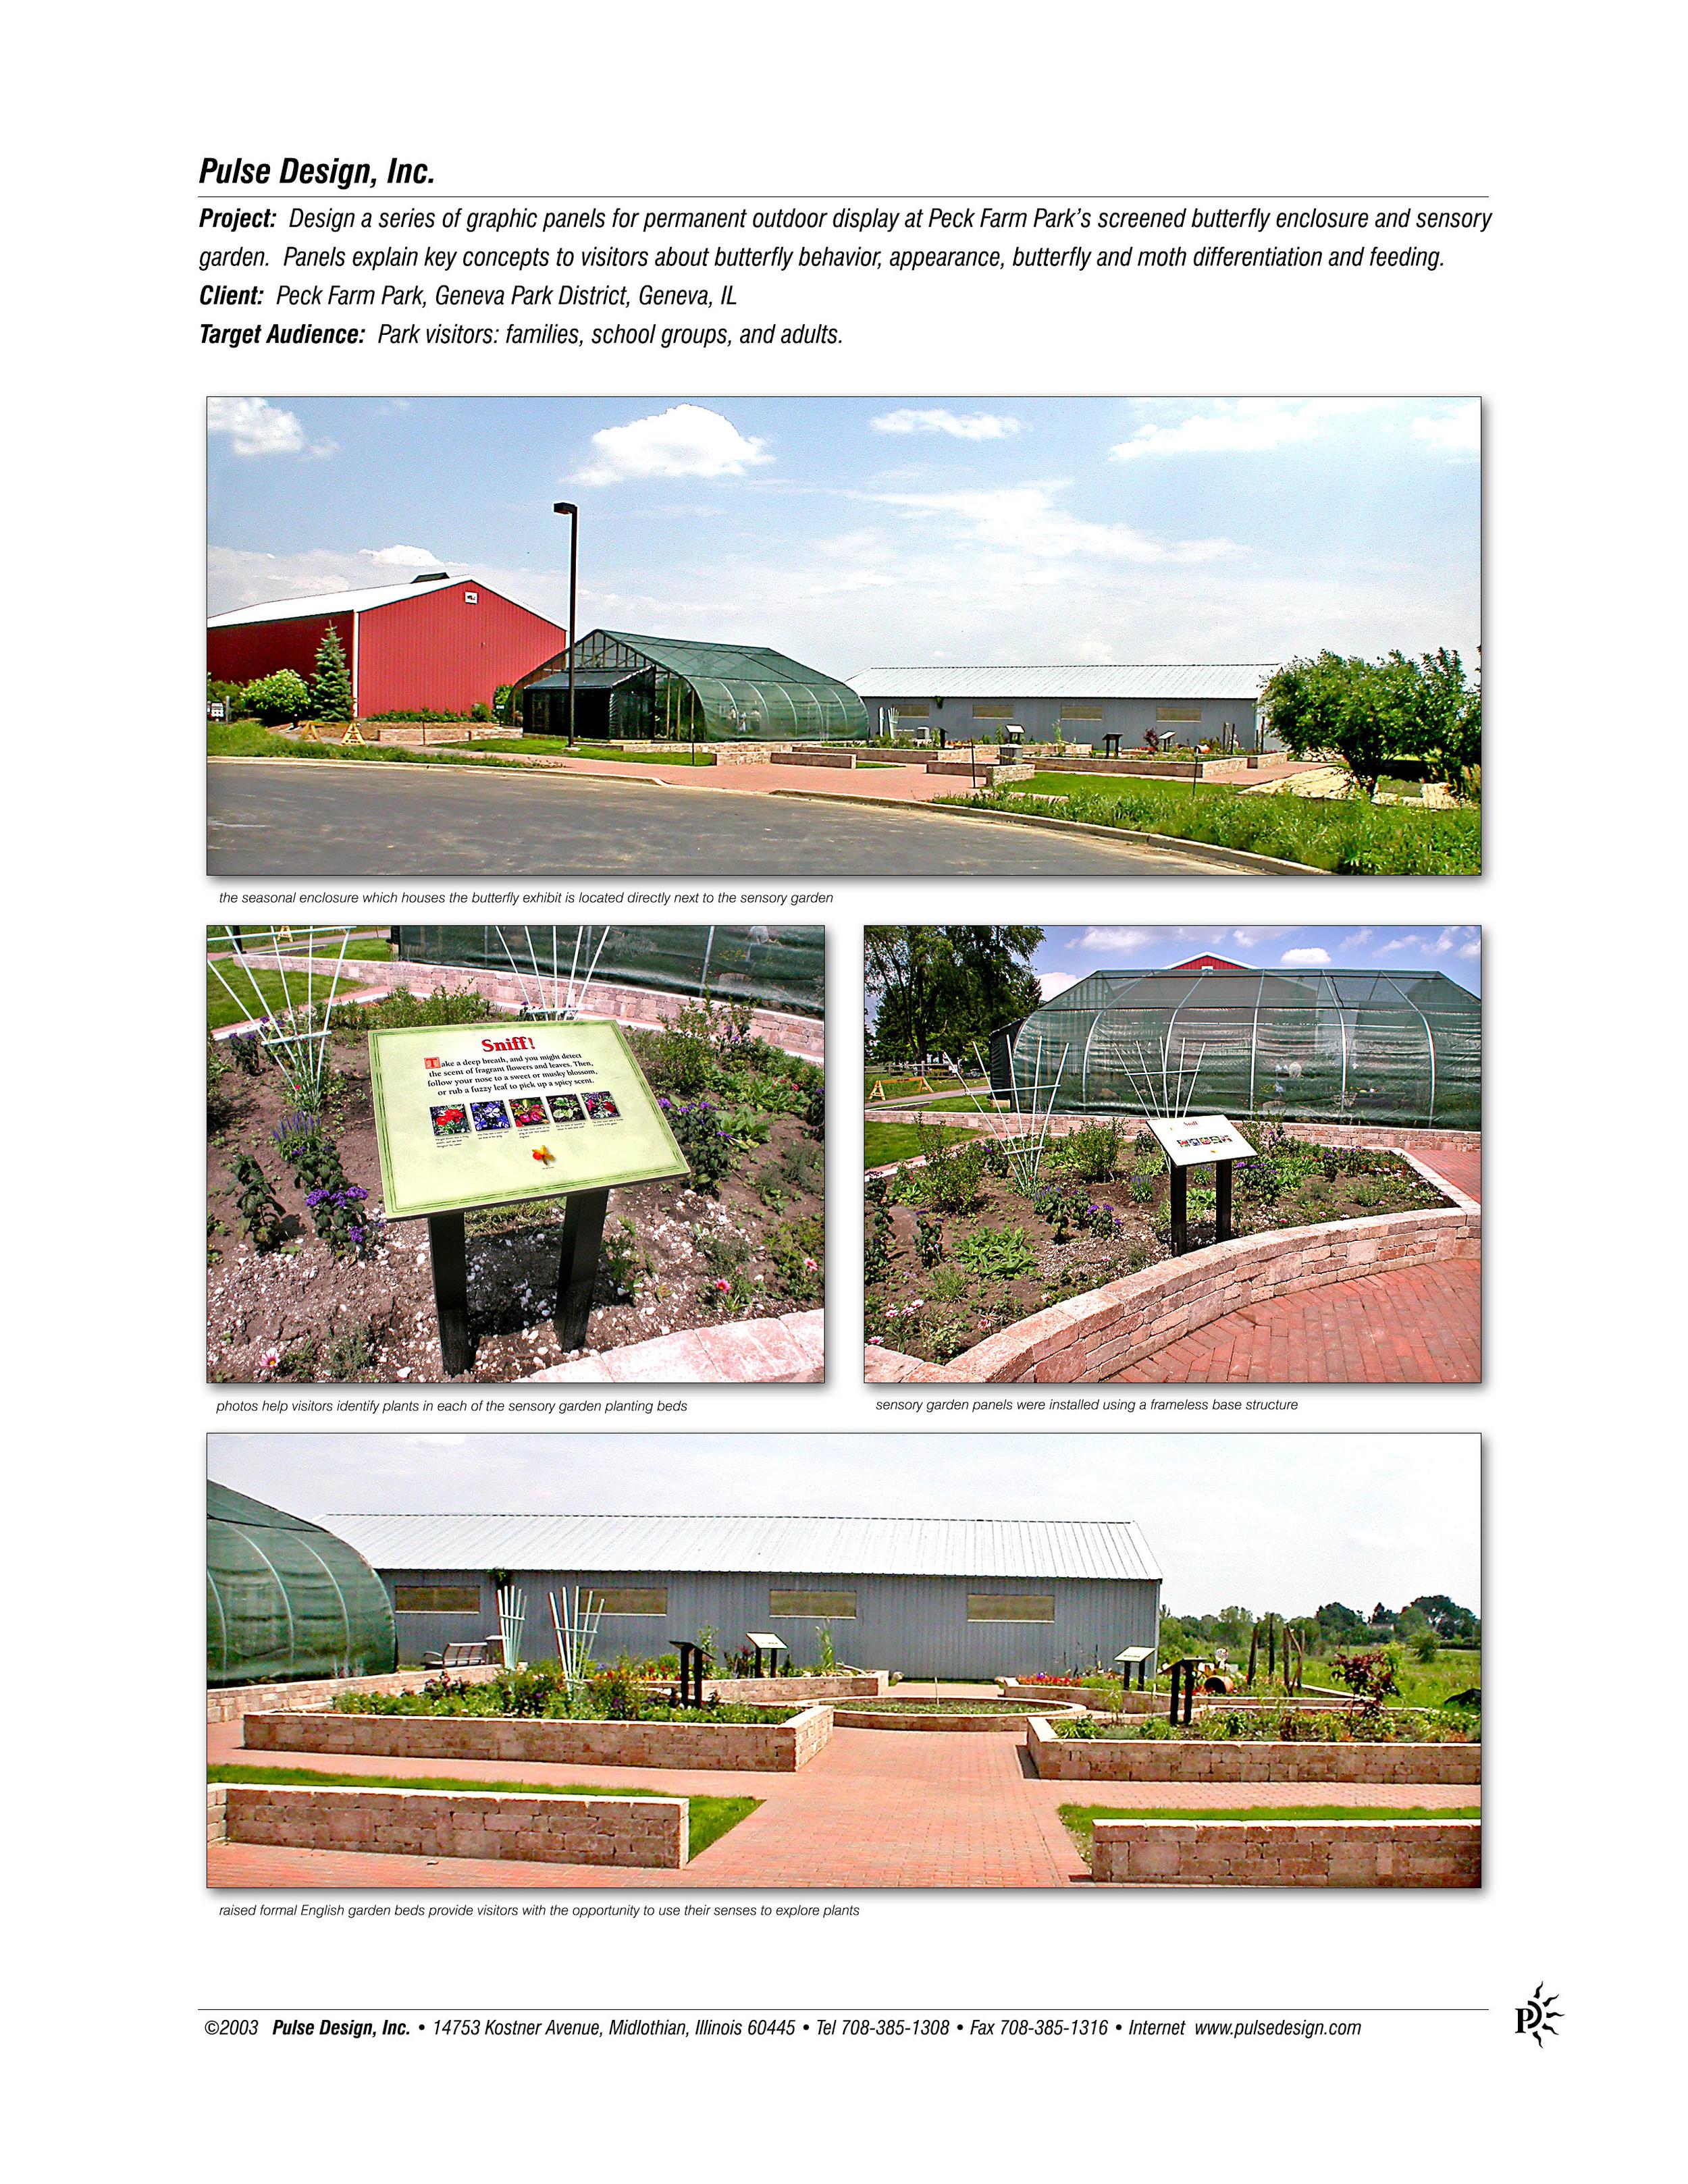 Peck-Farm-Park-Butterflies-1-Signs-Pulse-Design-Inc.jpg